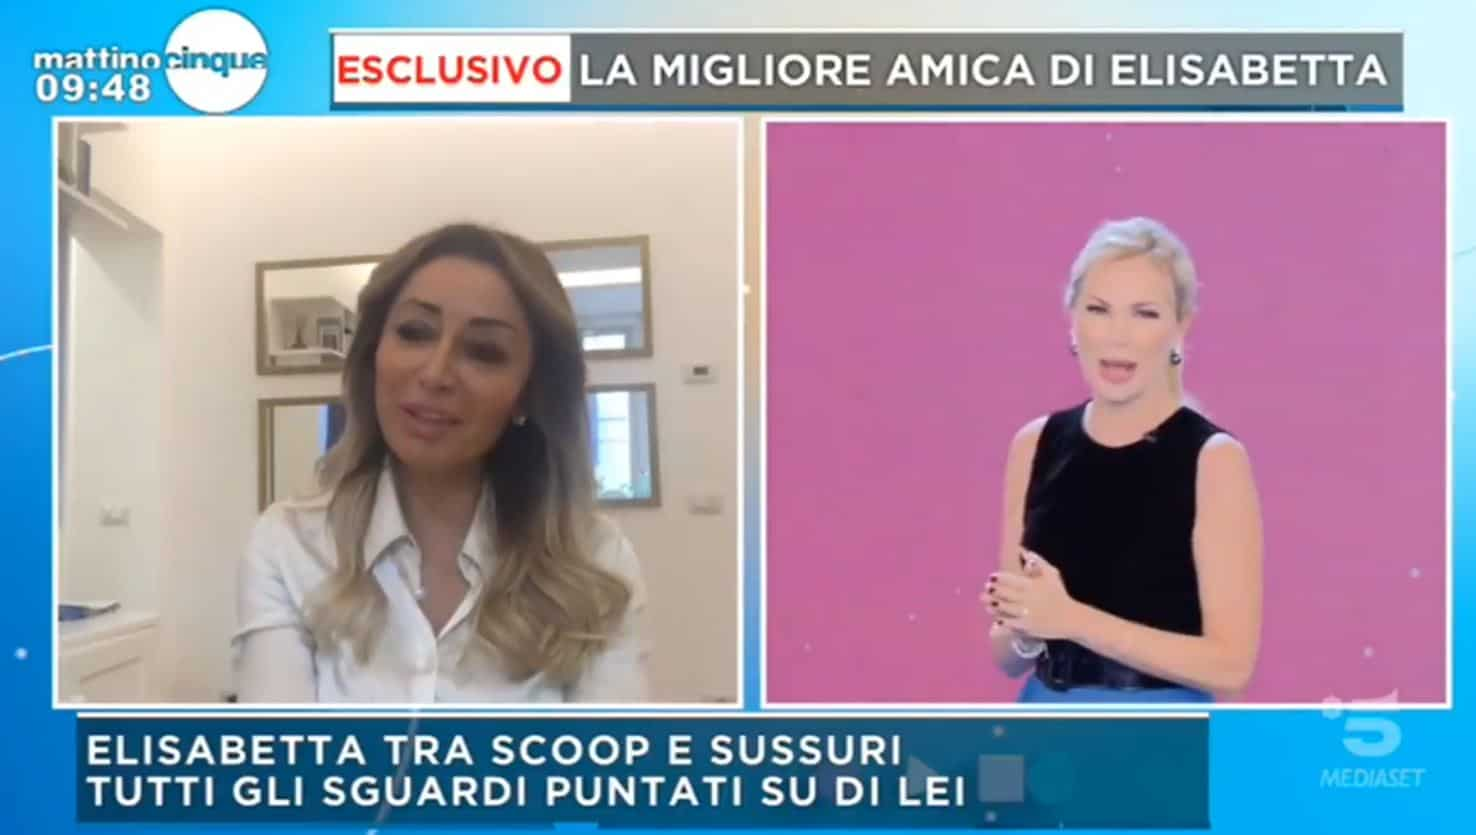 """A Mattino 5 l'avvocato di Elisabetta Gregoraci: """"Troppa gente in tv a parlare di Elisabetta, vigliacchi"""""""